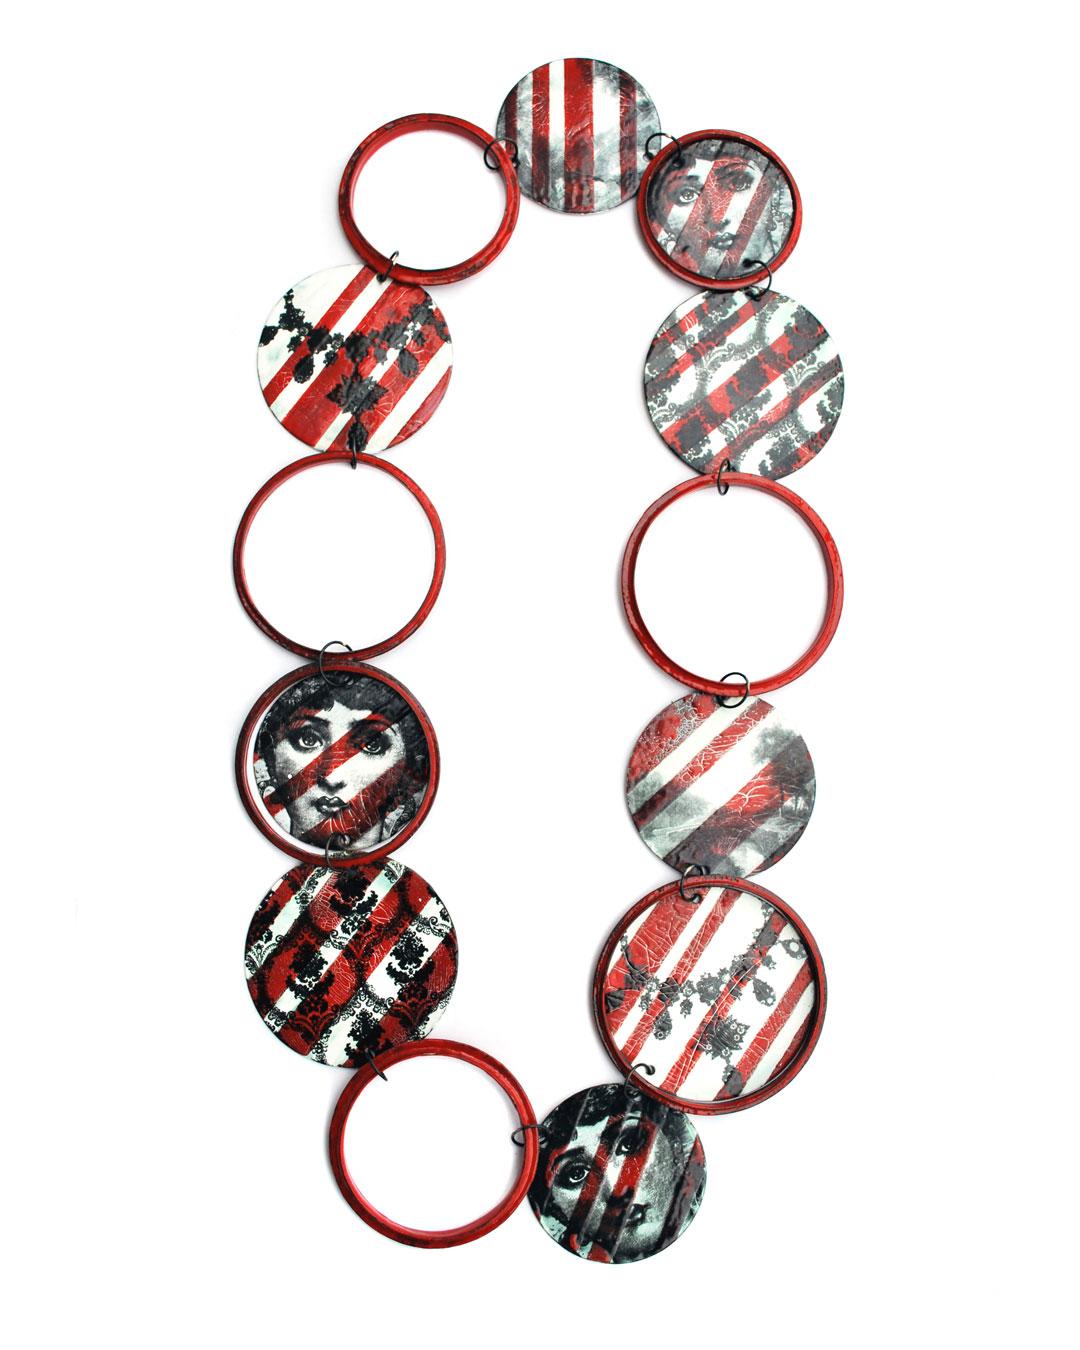 Vera Siemund, untitled, 2010, necklace; enamelled copper, steel. 180 x 360 x 0.5 mm, €2900